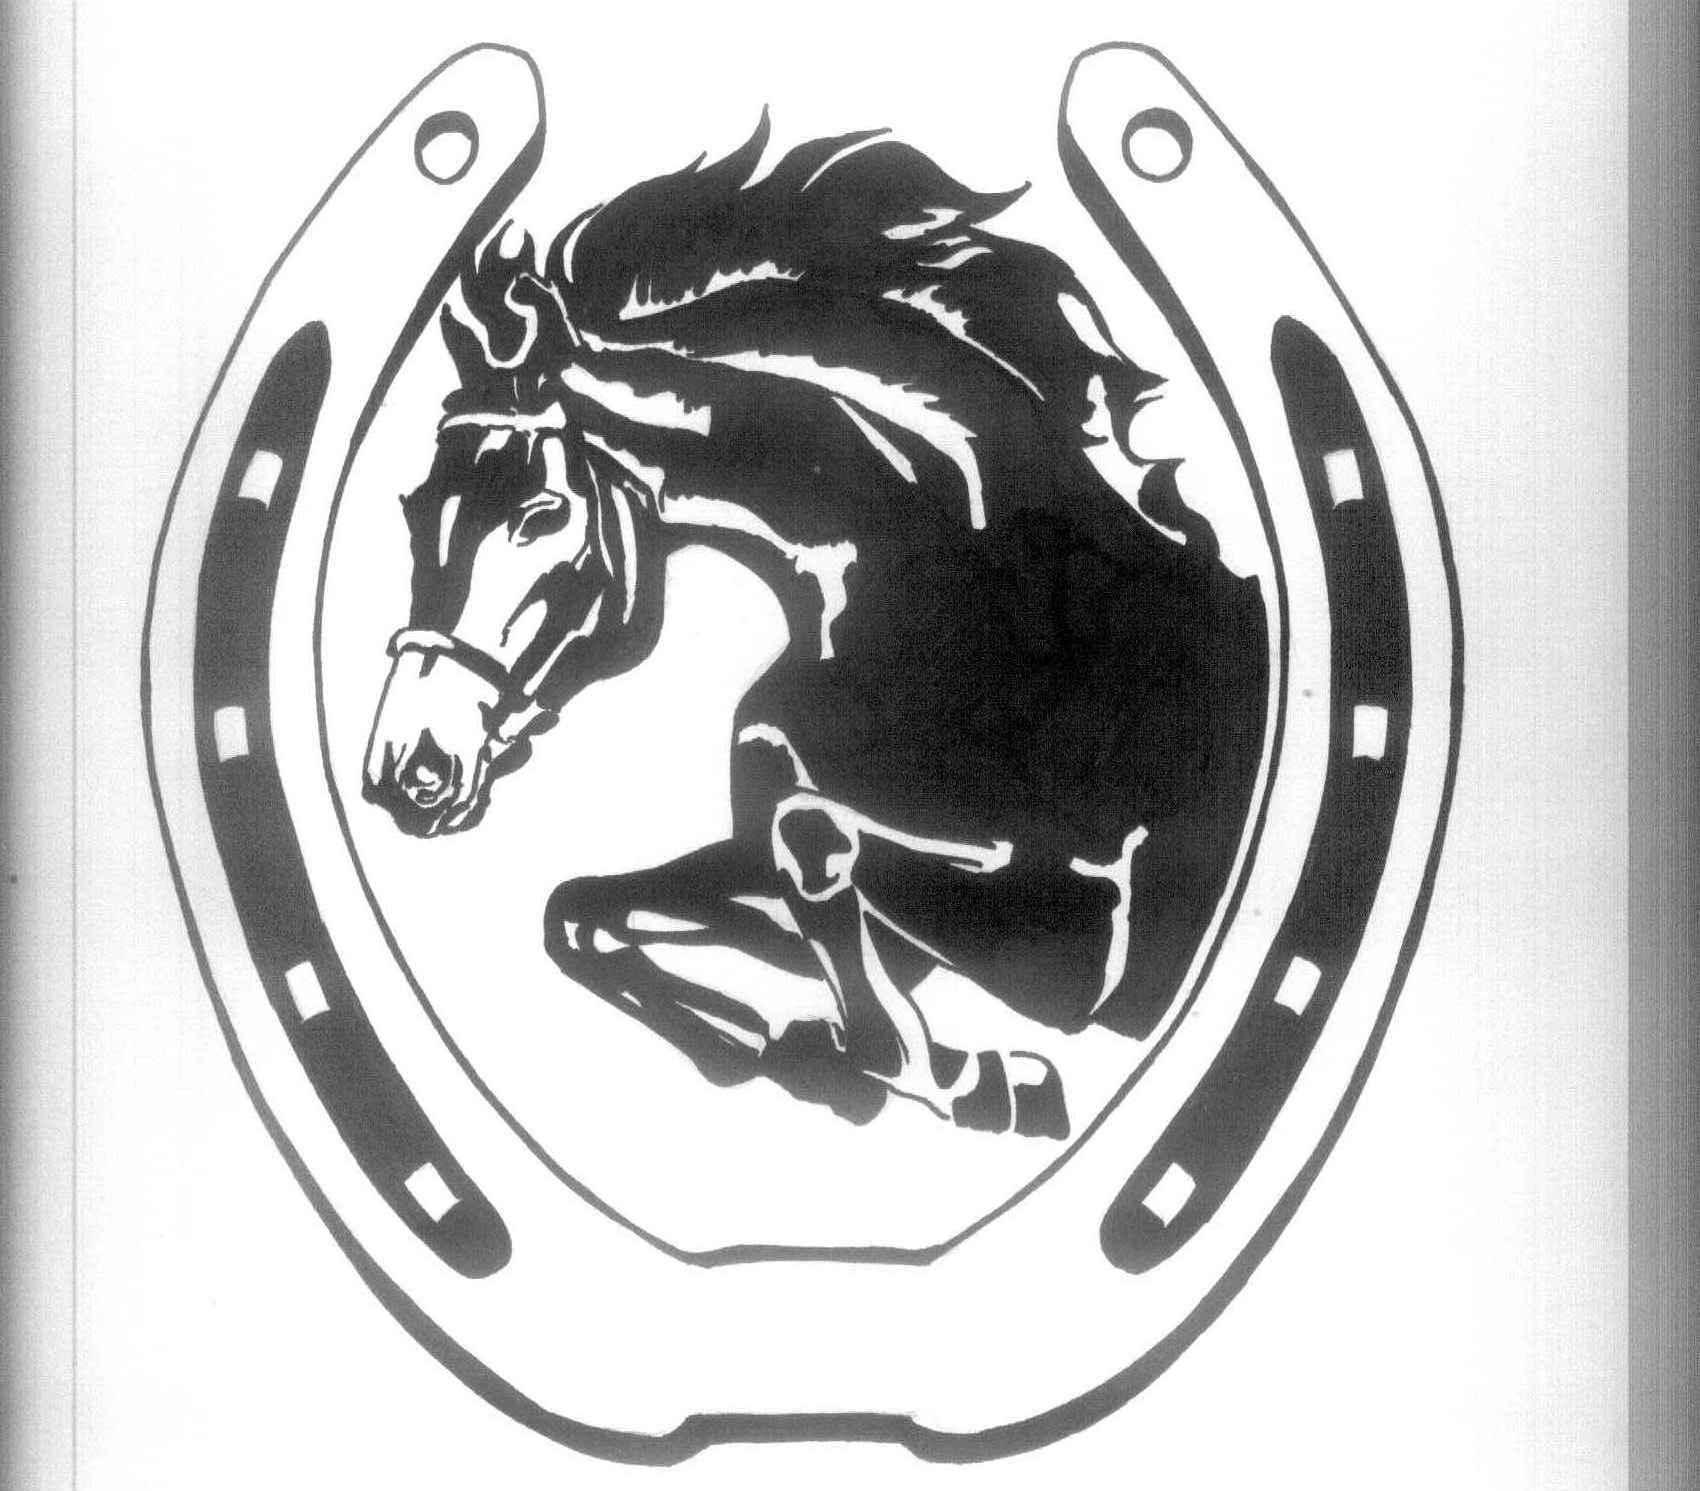 ośrodek Jeździecki faruk